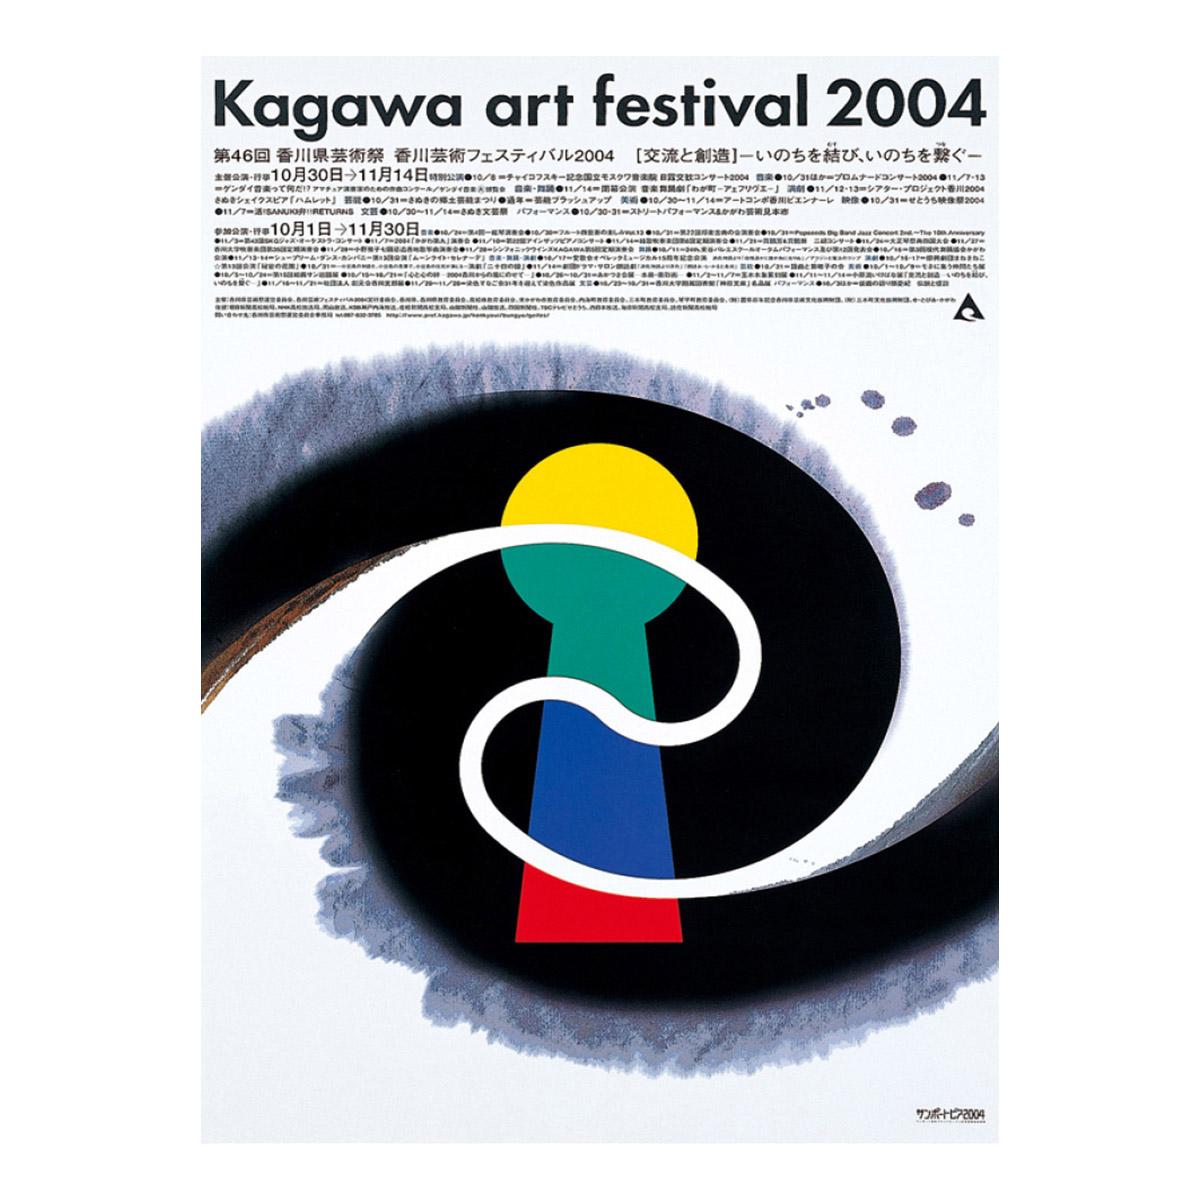 香川県芸術祭運営委員会 Kagawa art festival 2004 ポスター